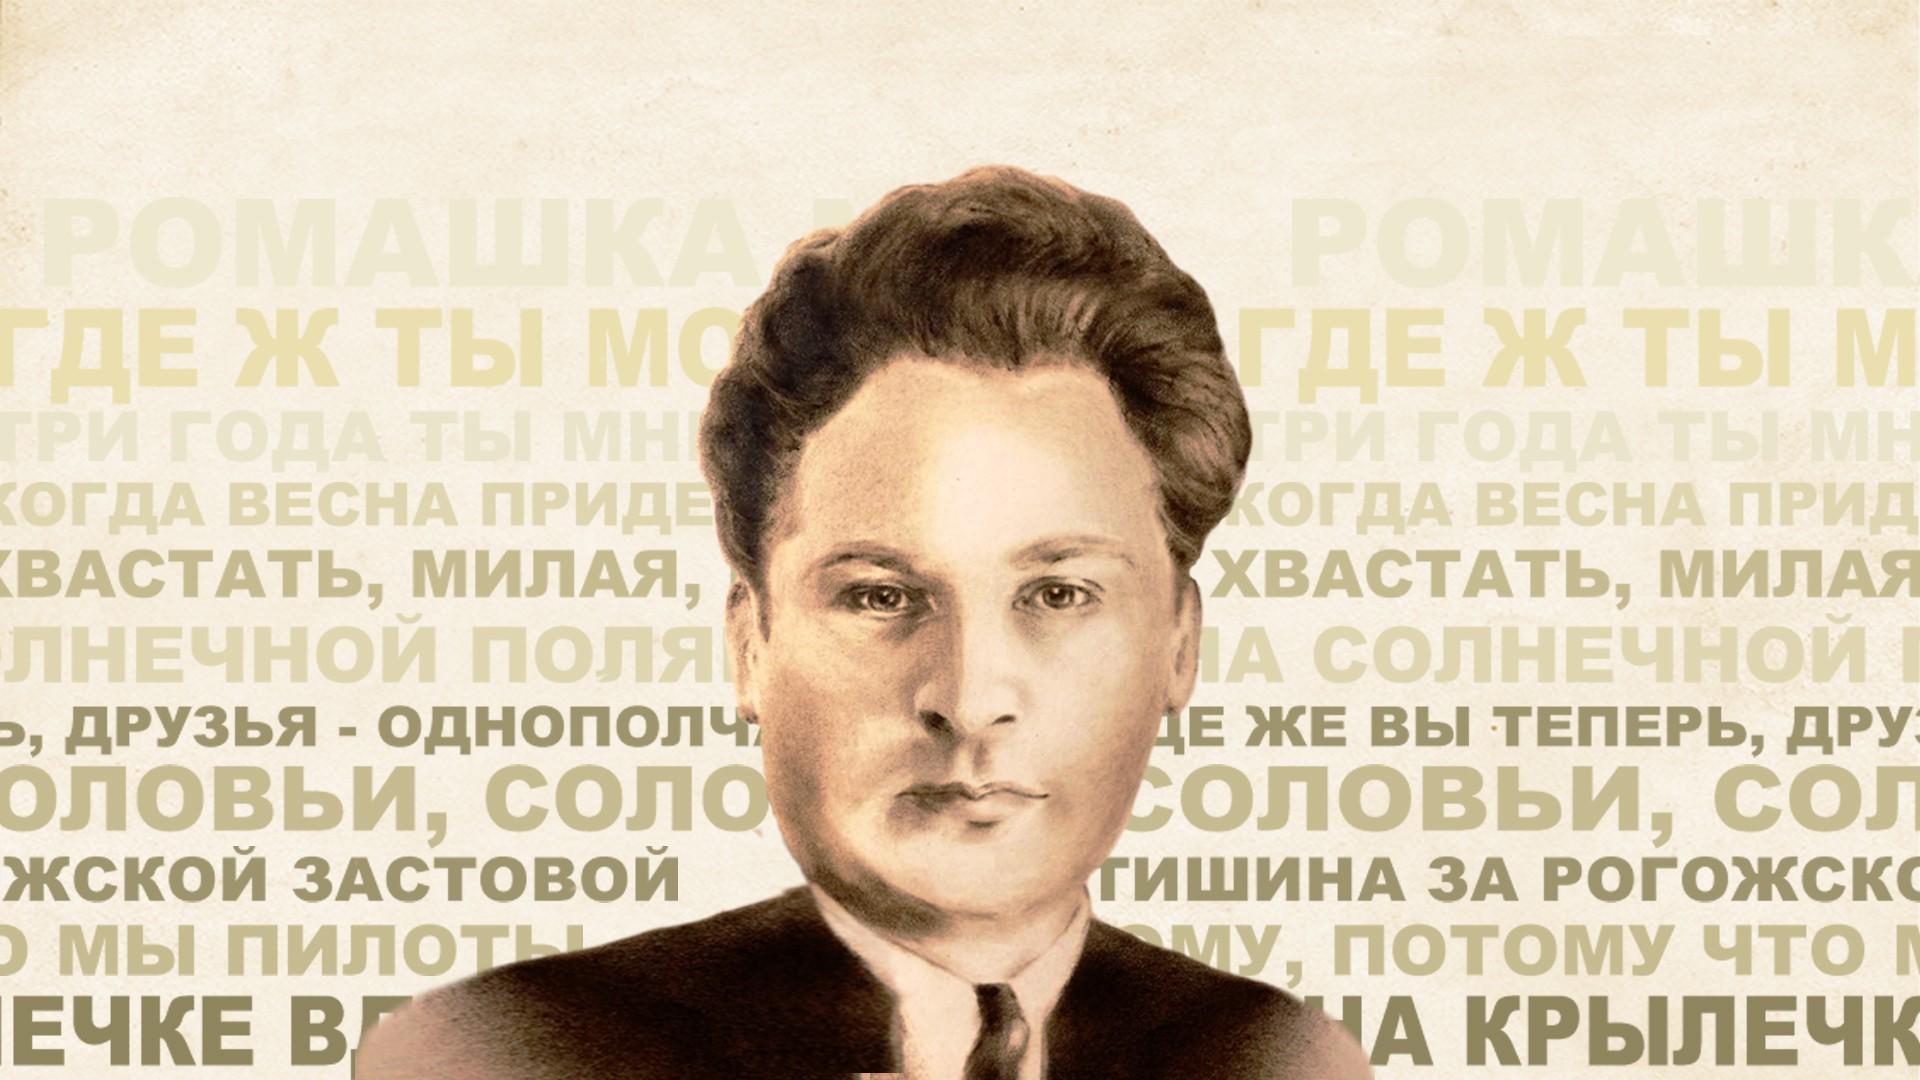 Концерт, посвященный 100-летию  поэта А. Фатьянова